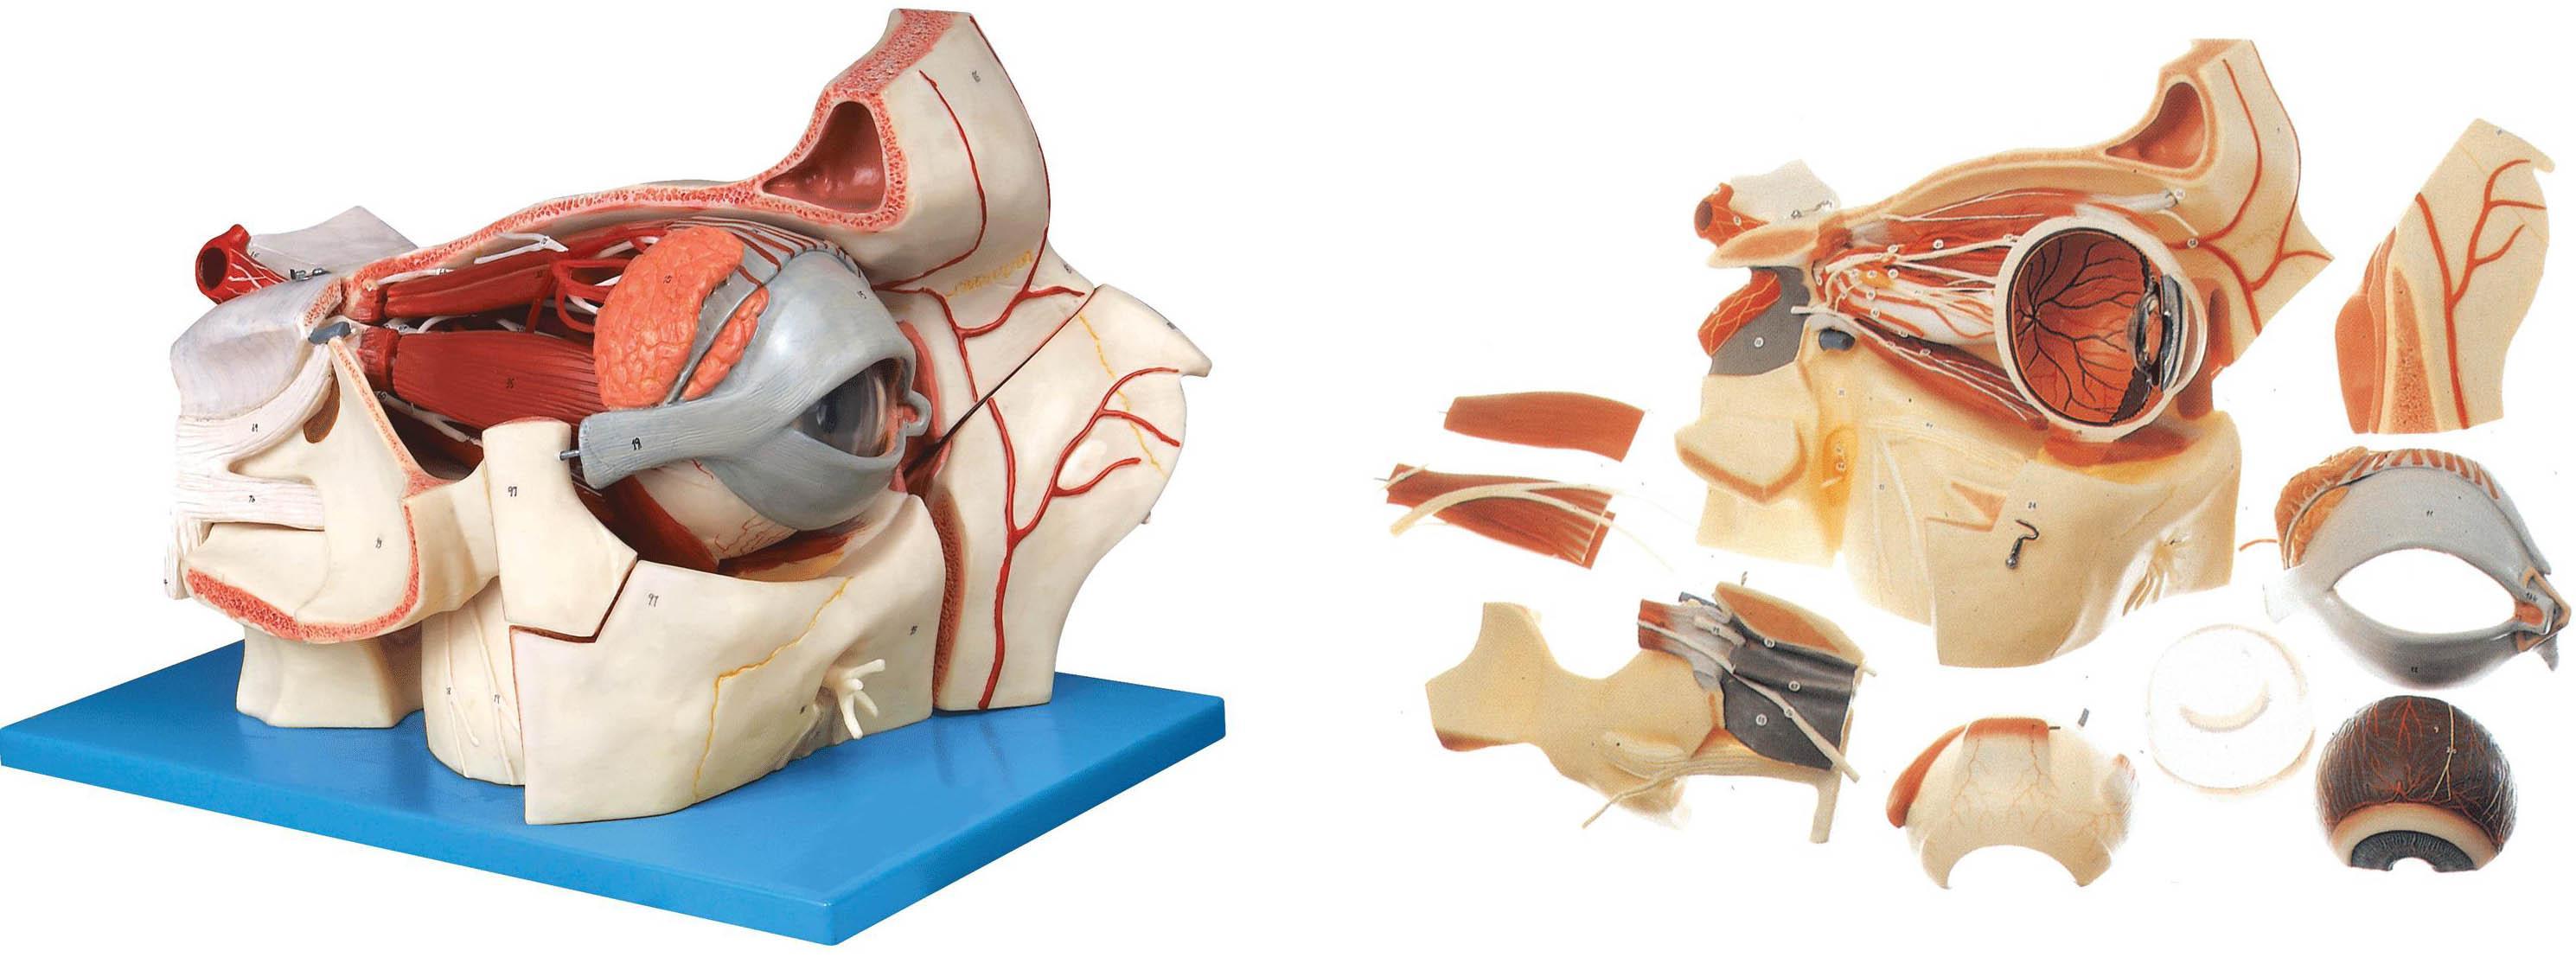 眼球与眼眶附血管神经放大模型,眼球与眼眶模型是我公司自行研发生产热销的医学教学模型,欢迎各医院单位订购021-63283651